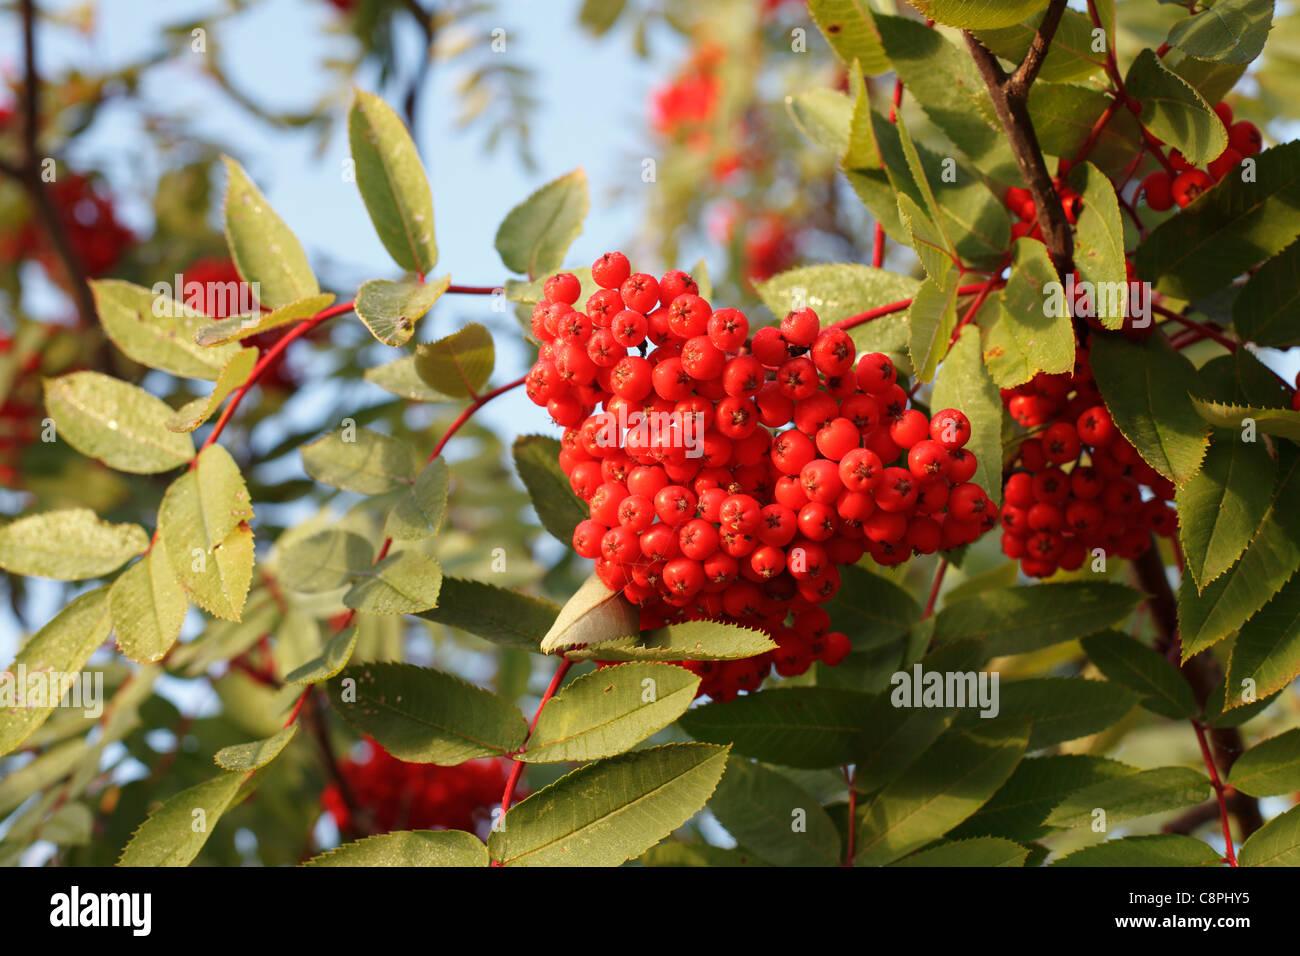 Herbstliche Ansicht von roten Beeren auf Eberesche Baum im Norden von Minnesota, Sorbus Americana. Stockbild